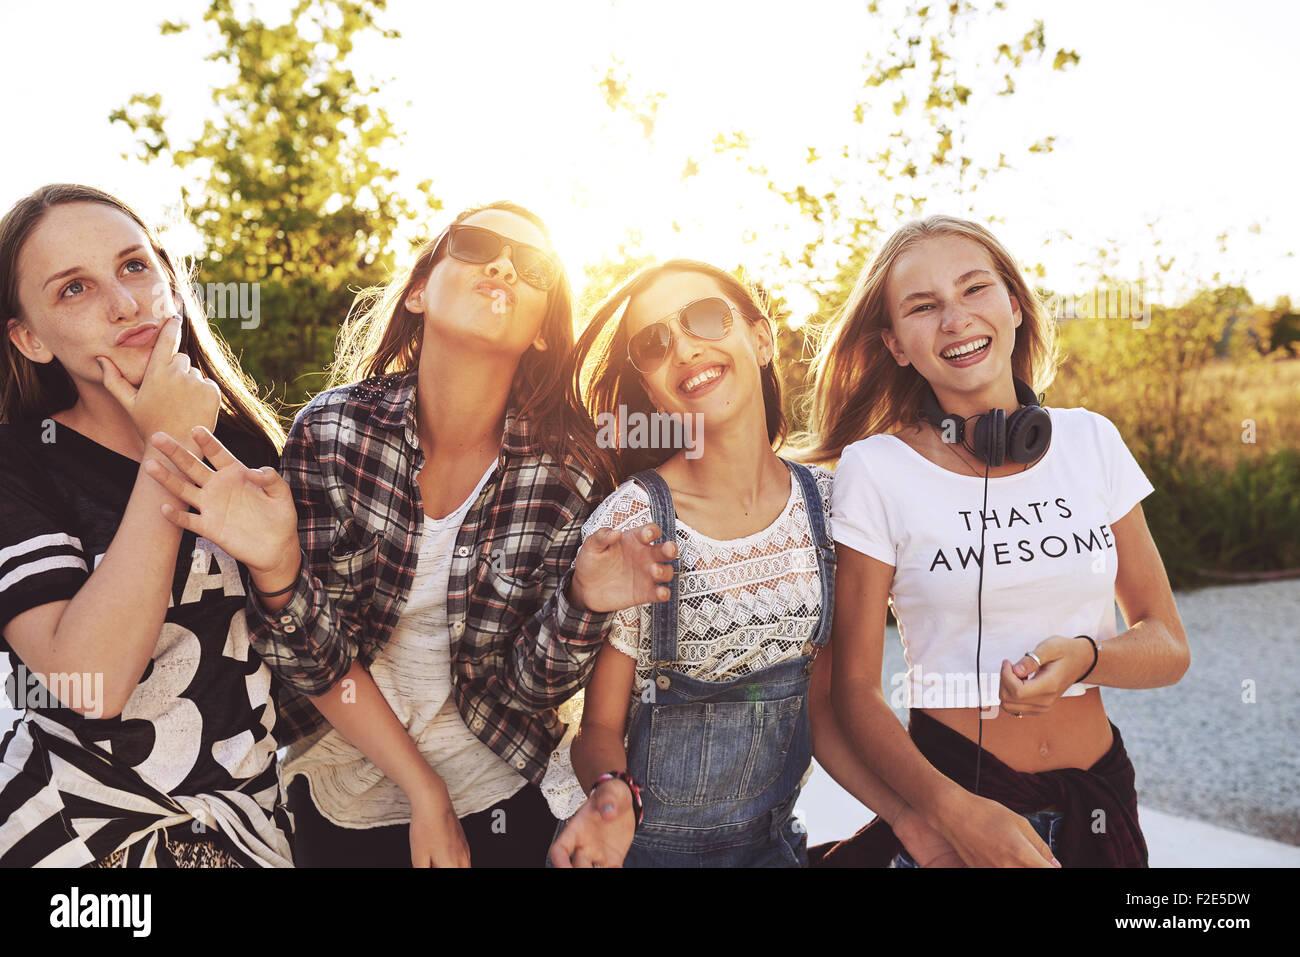 Les adolescents s'amusant sur une journée d'été, sun flare Photo Stock